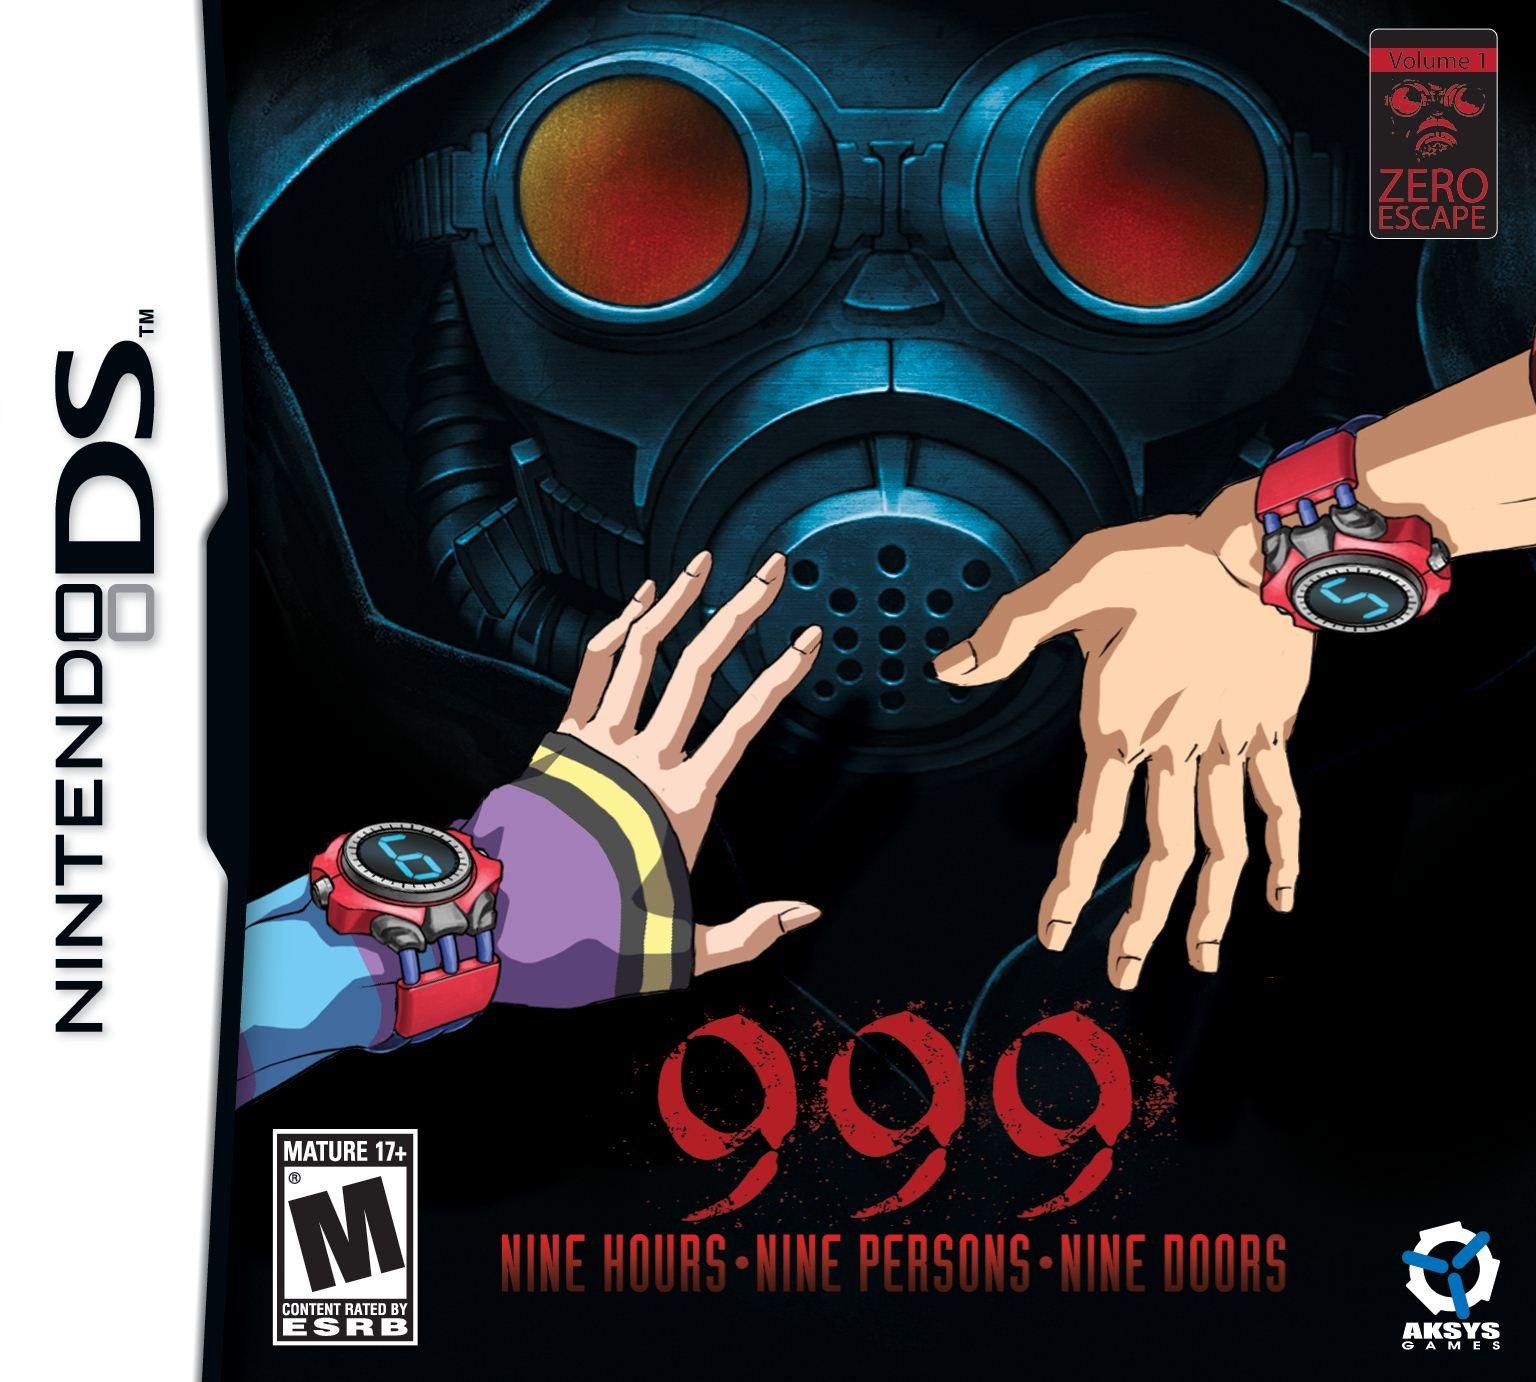 Nice Images Collection: 999: Nine Hours, Nine Persons, Nine Doors Desktop Wallpapers